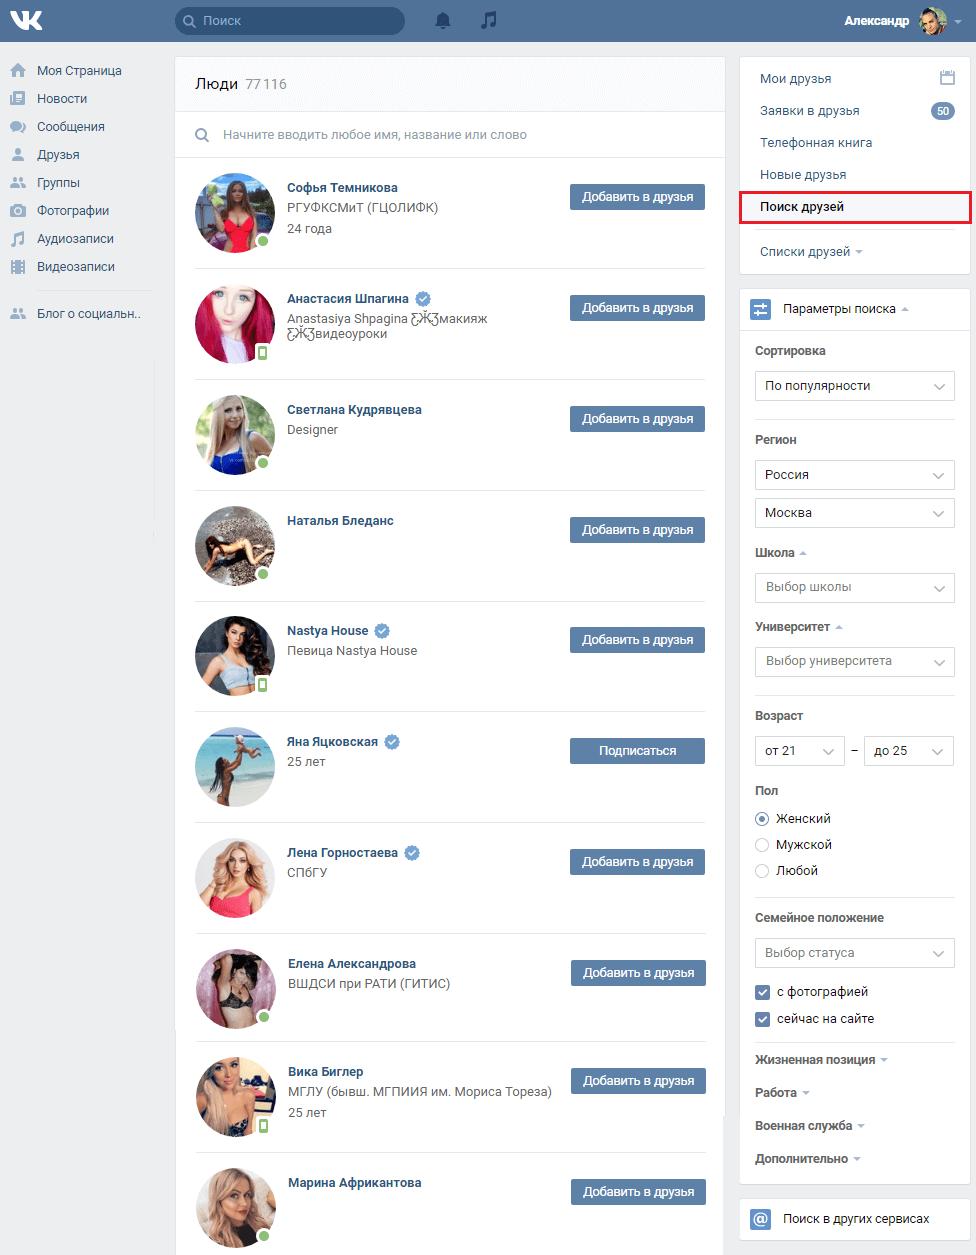 Поиск друзей В Контакте